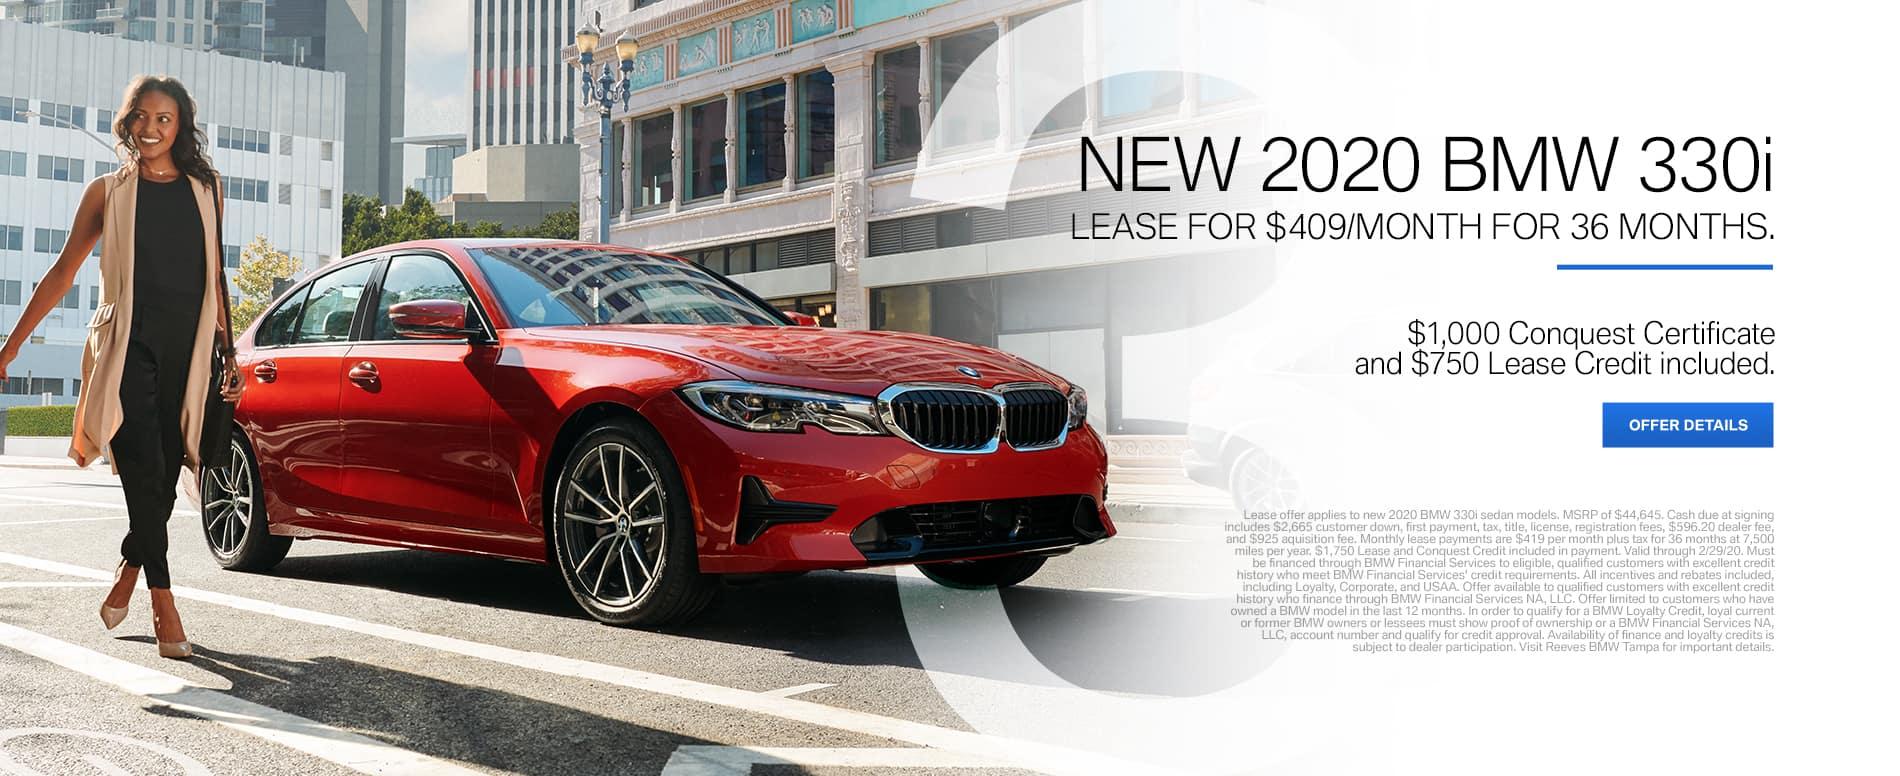 2020 BMW 330i